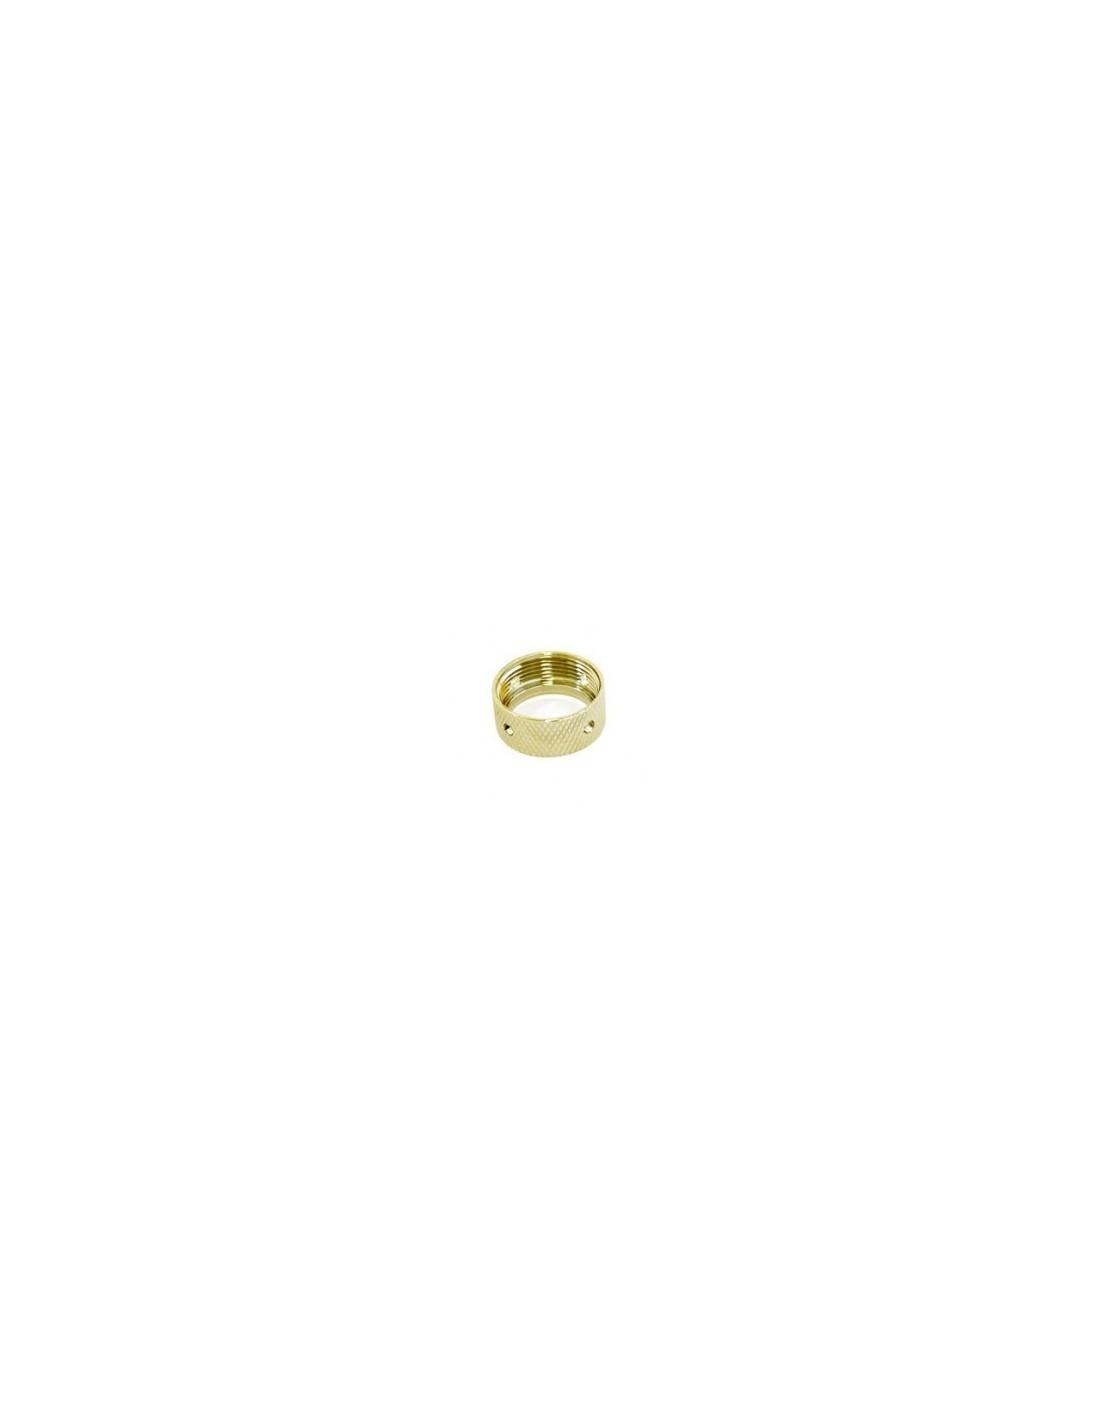 KOH01677 - Räfflad kranmutter i mässing (14)